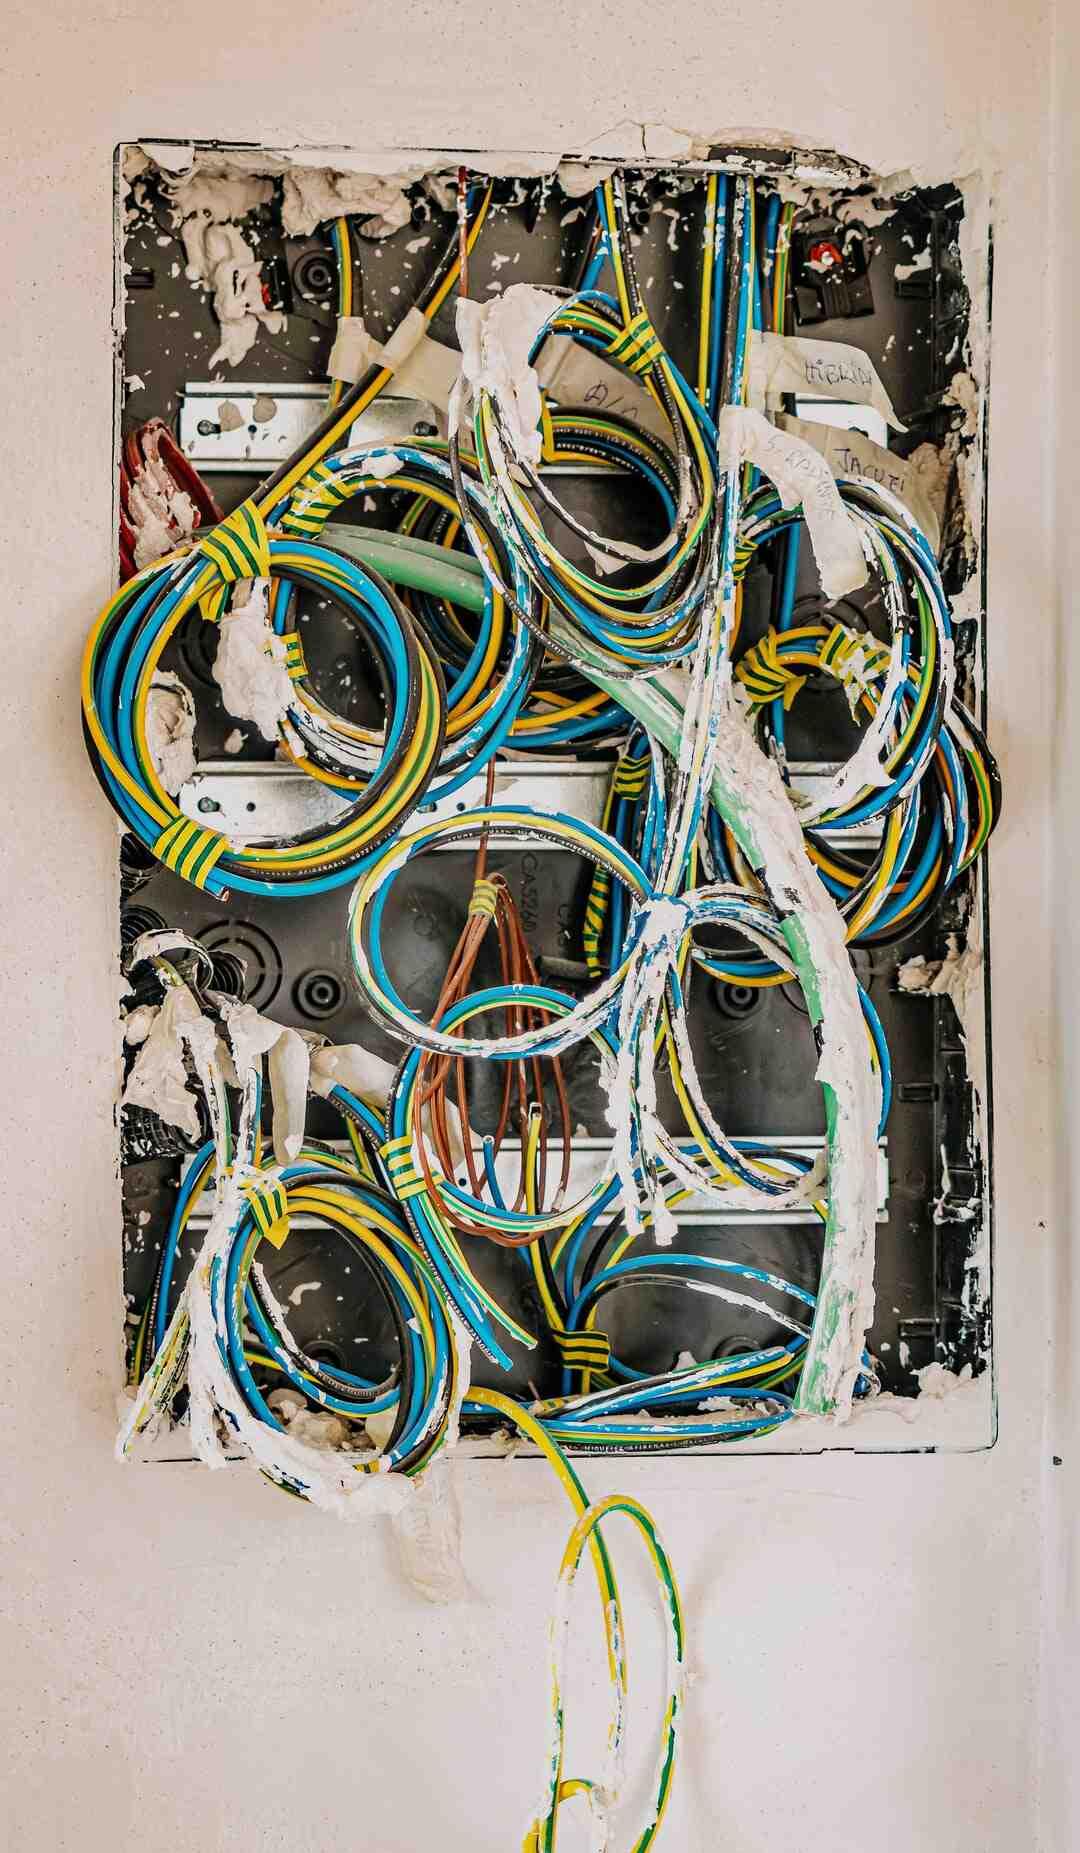 Cómo conectar cables y componentes a una televisión de pantalla plana